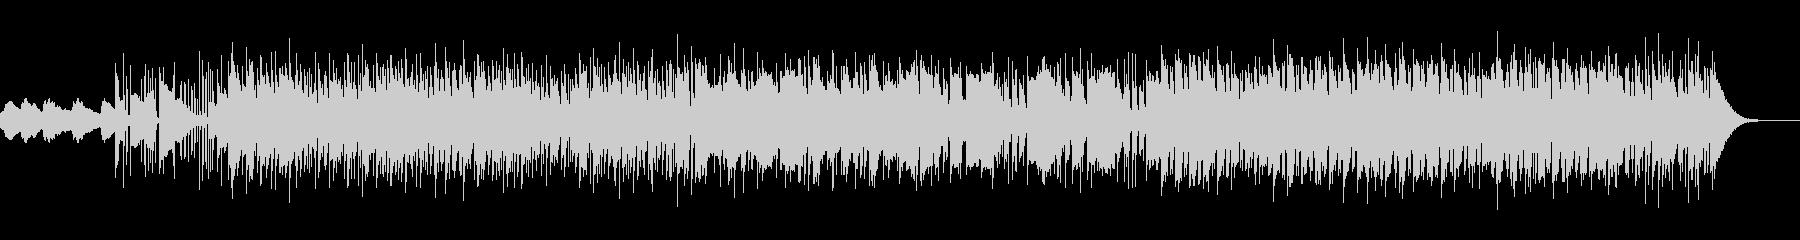 インド風民族音楽の未再生の波形